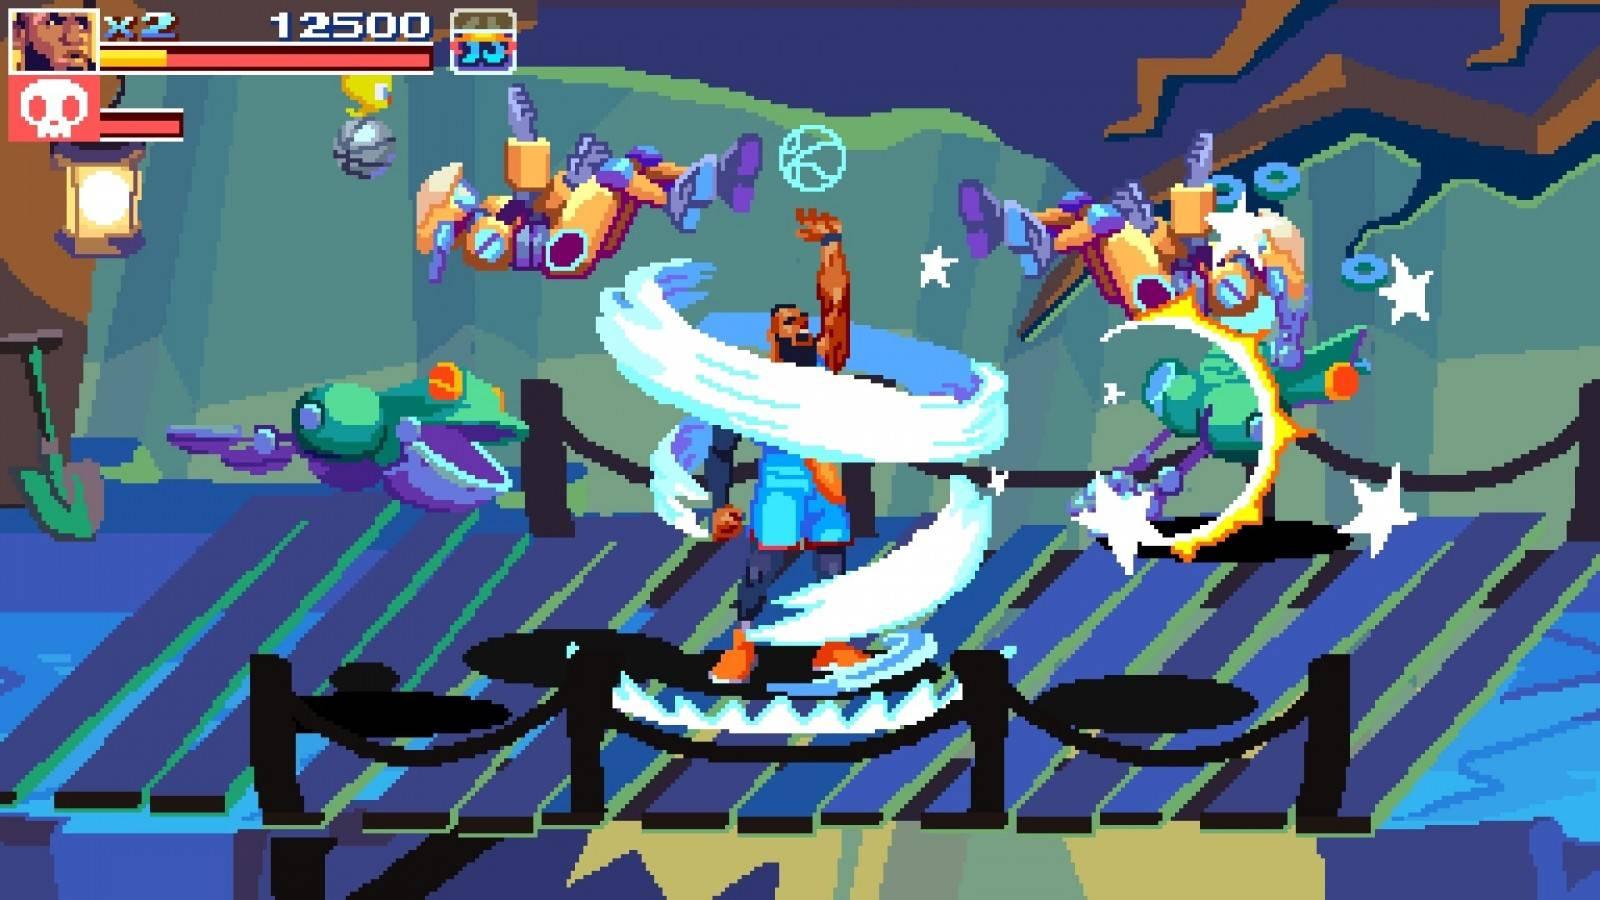 El juego de Space Jam 2 ya tiene fecha de lanzamiento 3